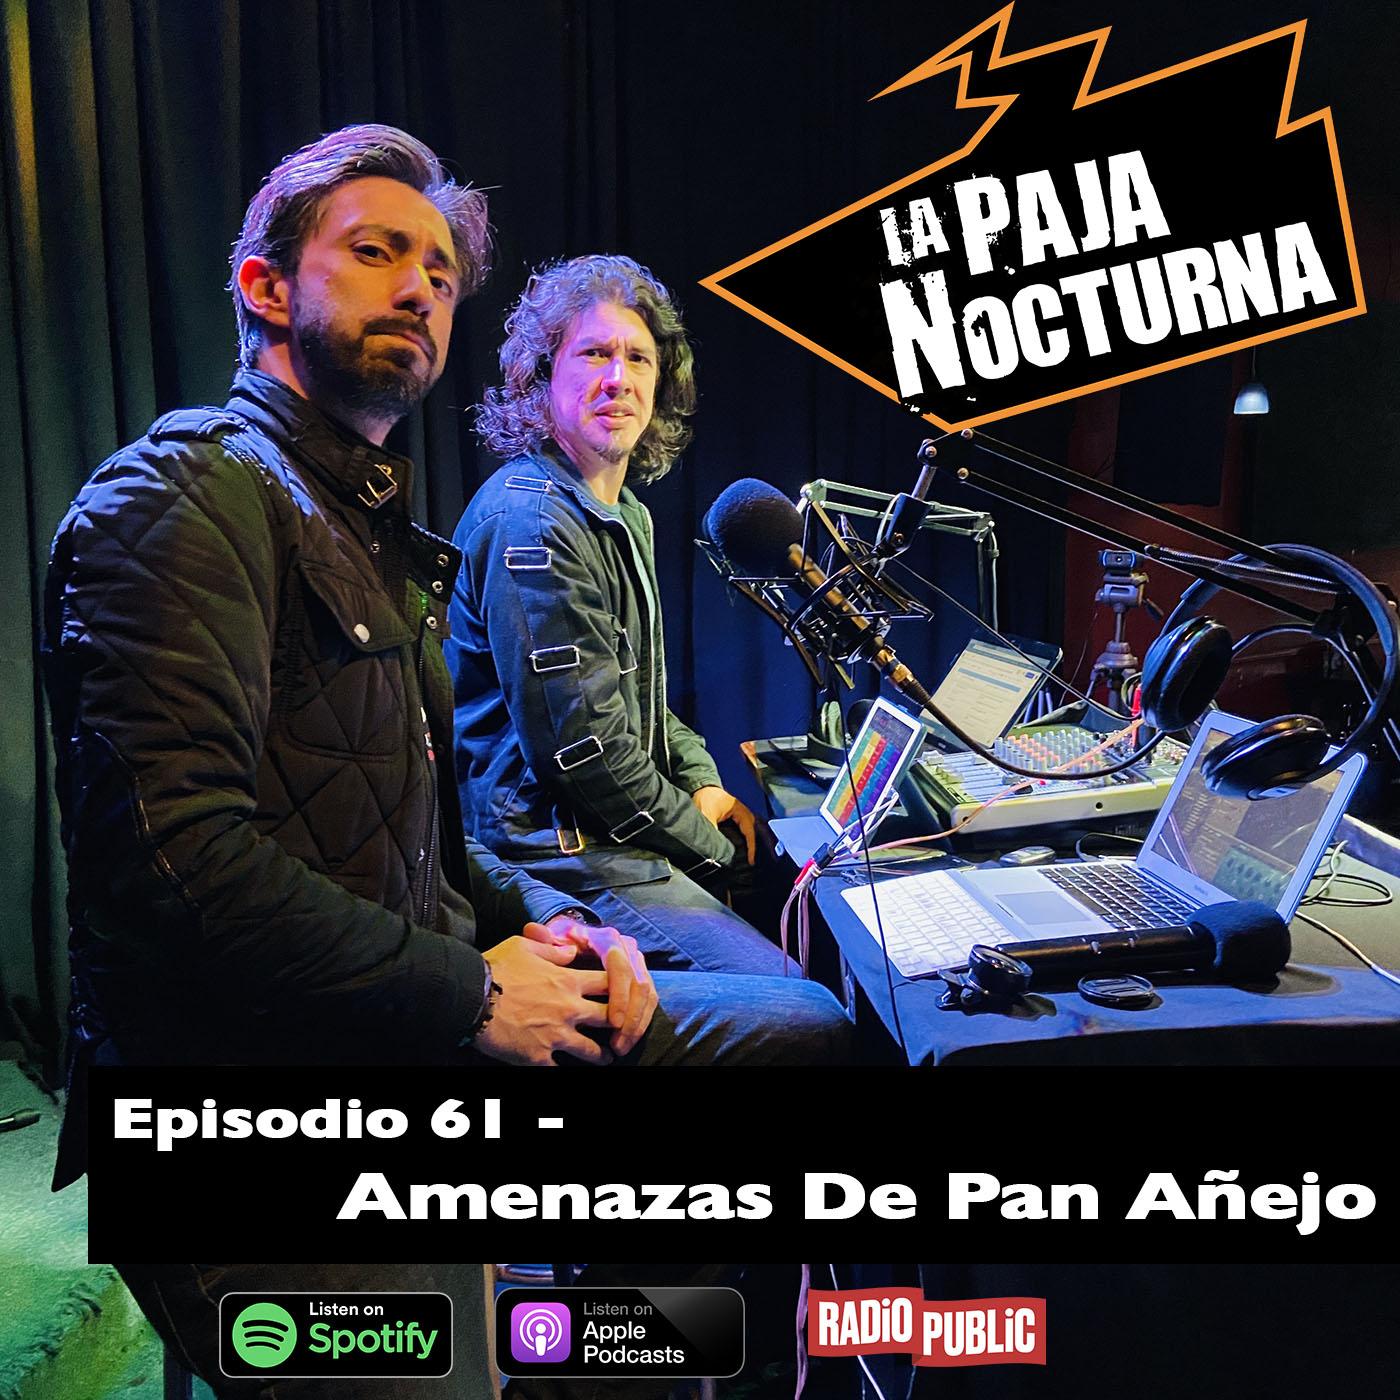 La paja nocturna podcast Episodio 61